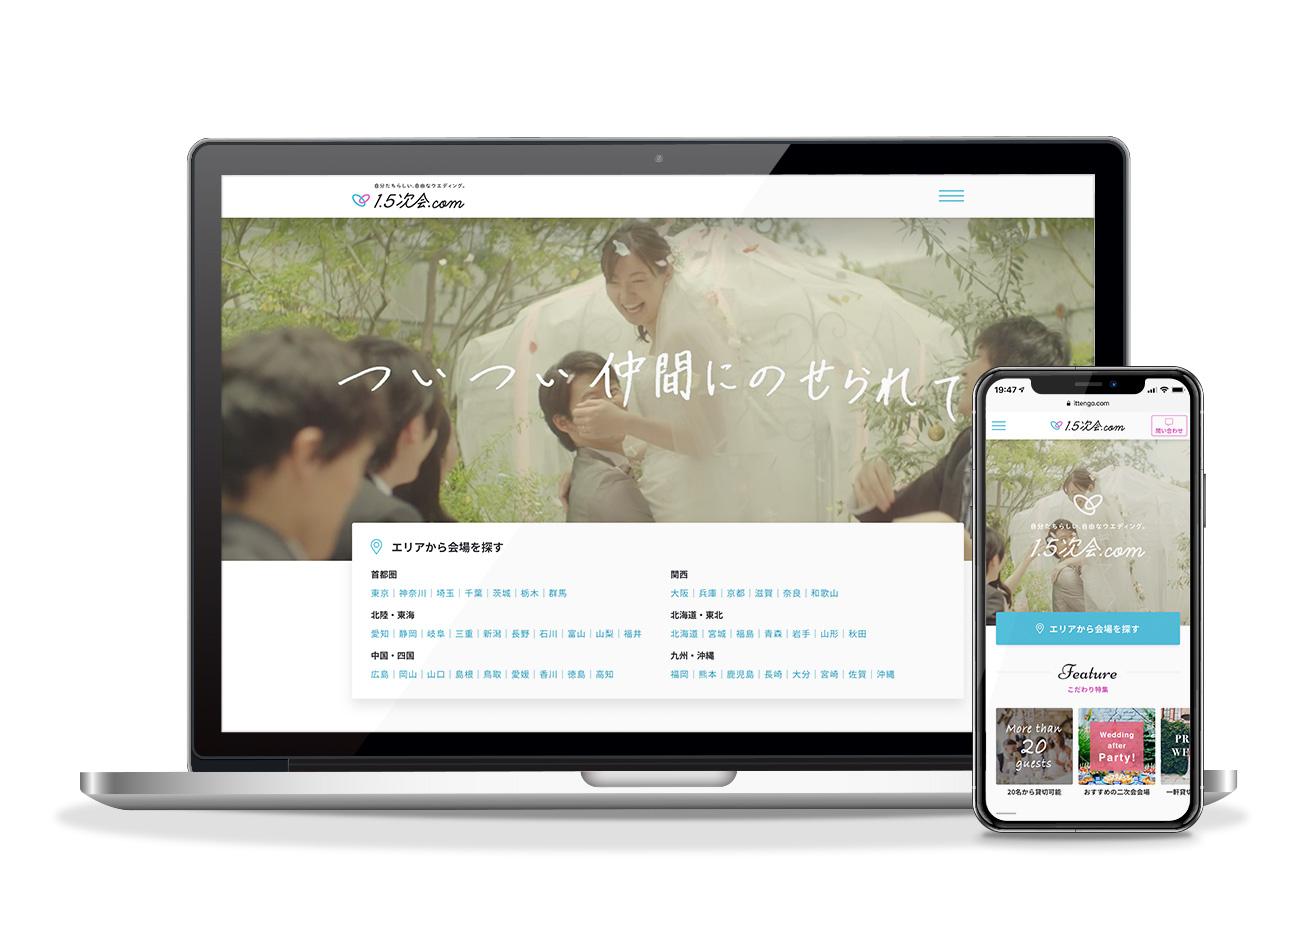 1.5次会ウェディング・会費制結婚式の会場紹介サイト